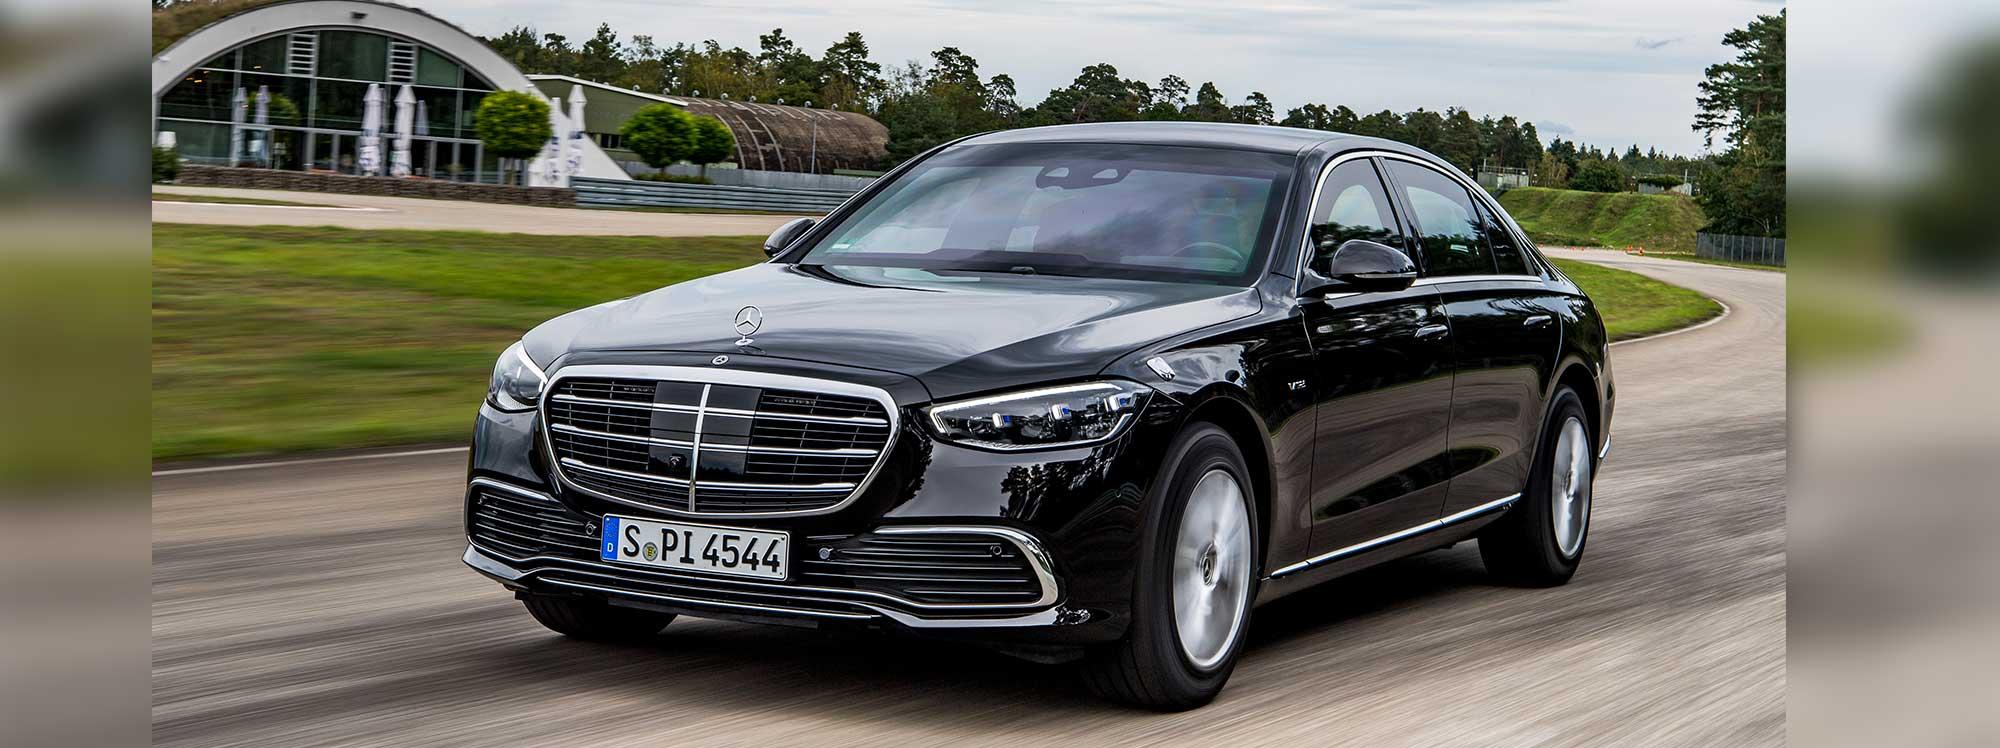 Nuevo modelo Mercedes Benz con protecciones especiales de seguridad